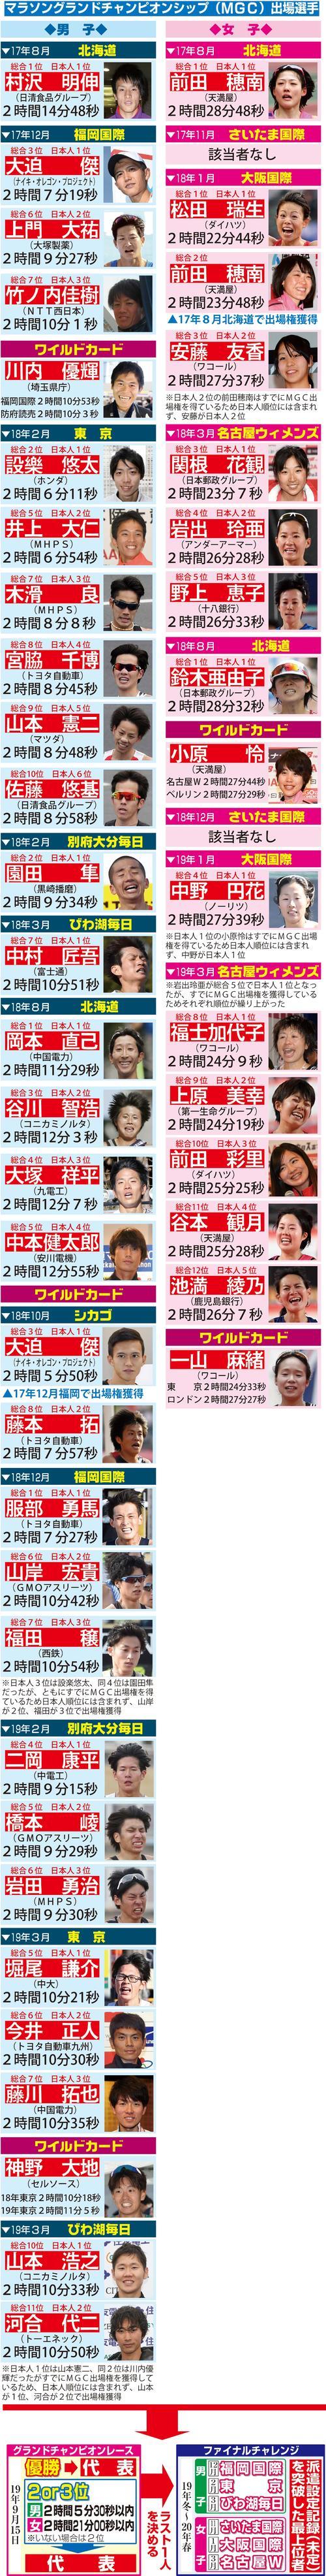 マラソン・グランドチャンピオンシップ出場者